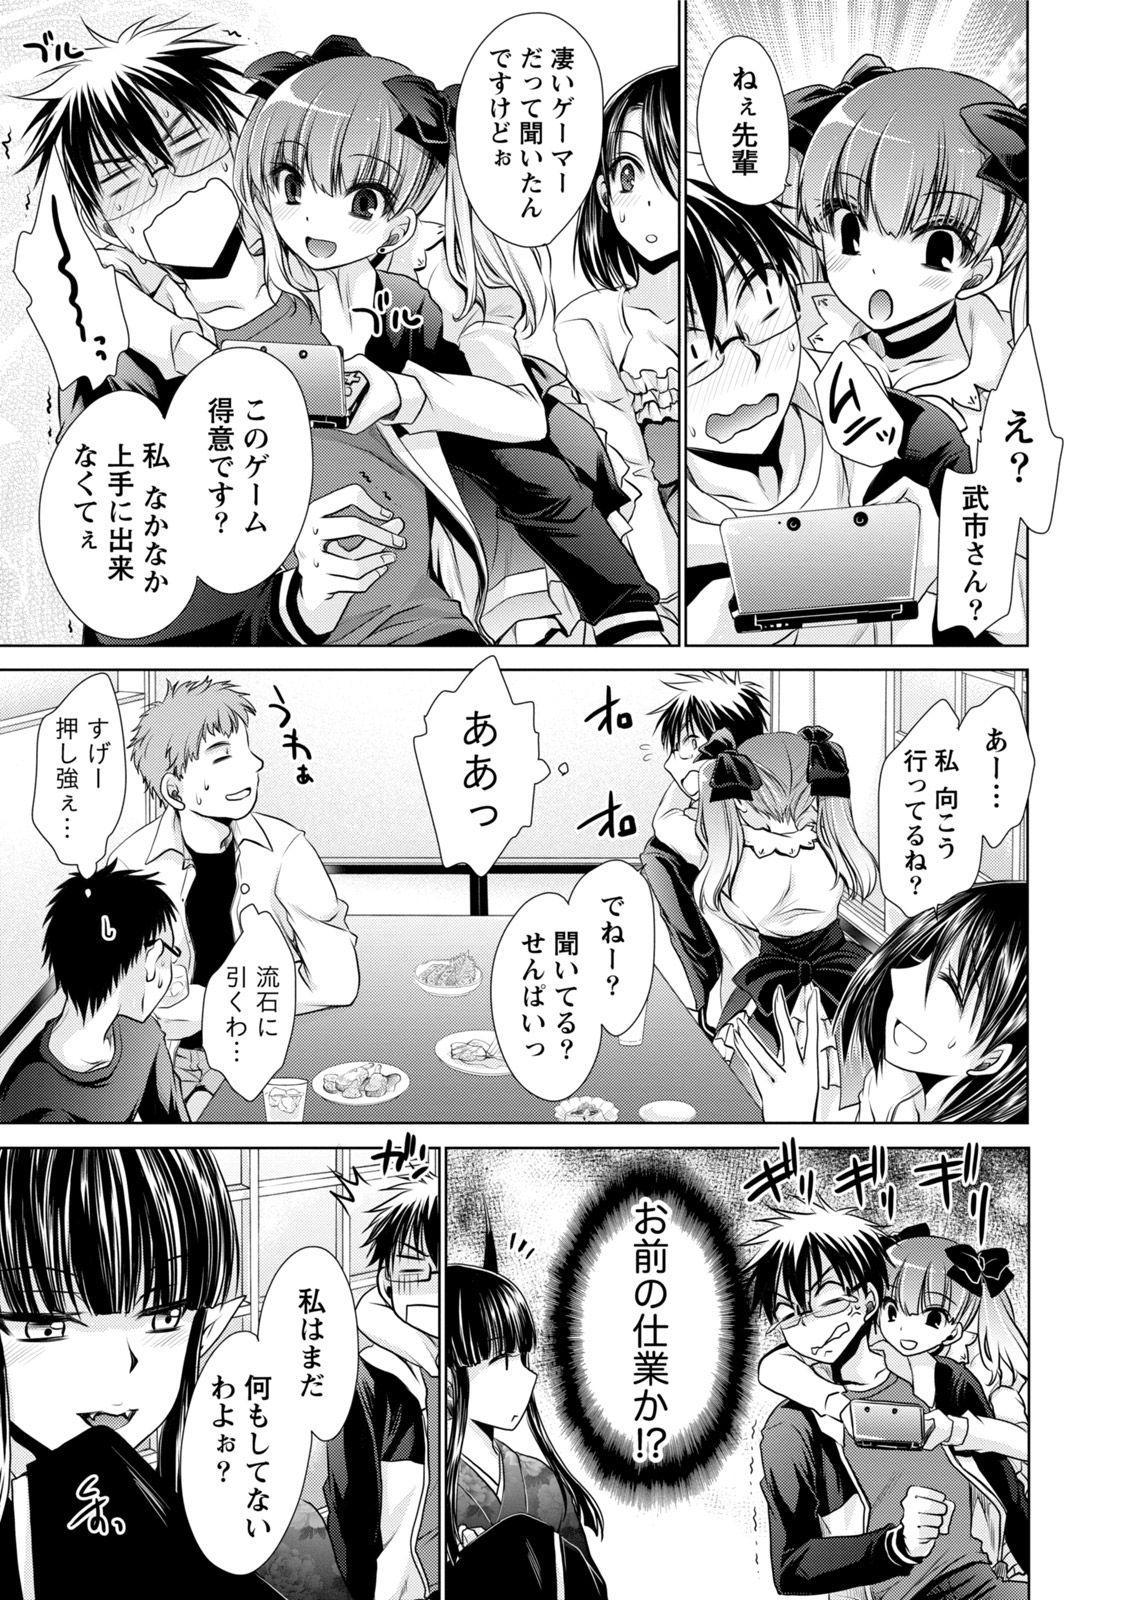 Ore to Kanojo to Owaru Sekai - World's end LoveStory 1 55